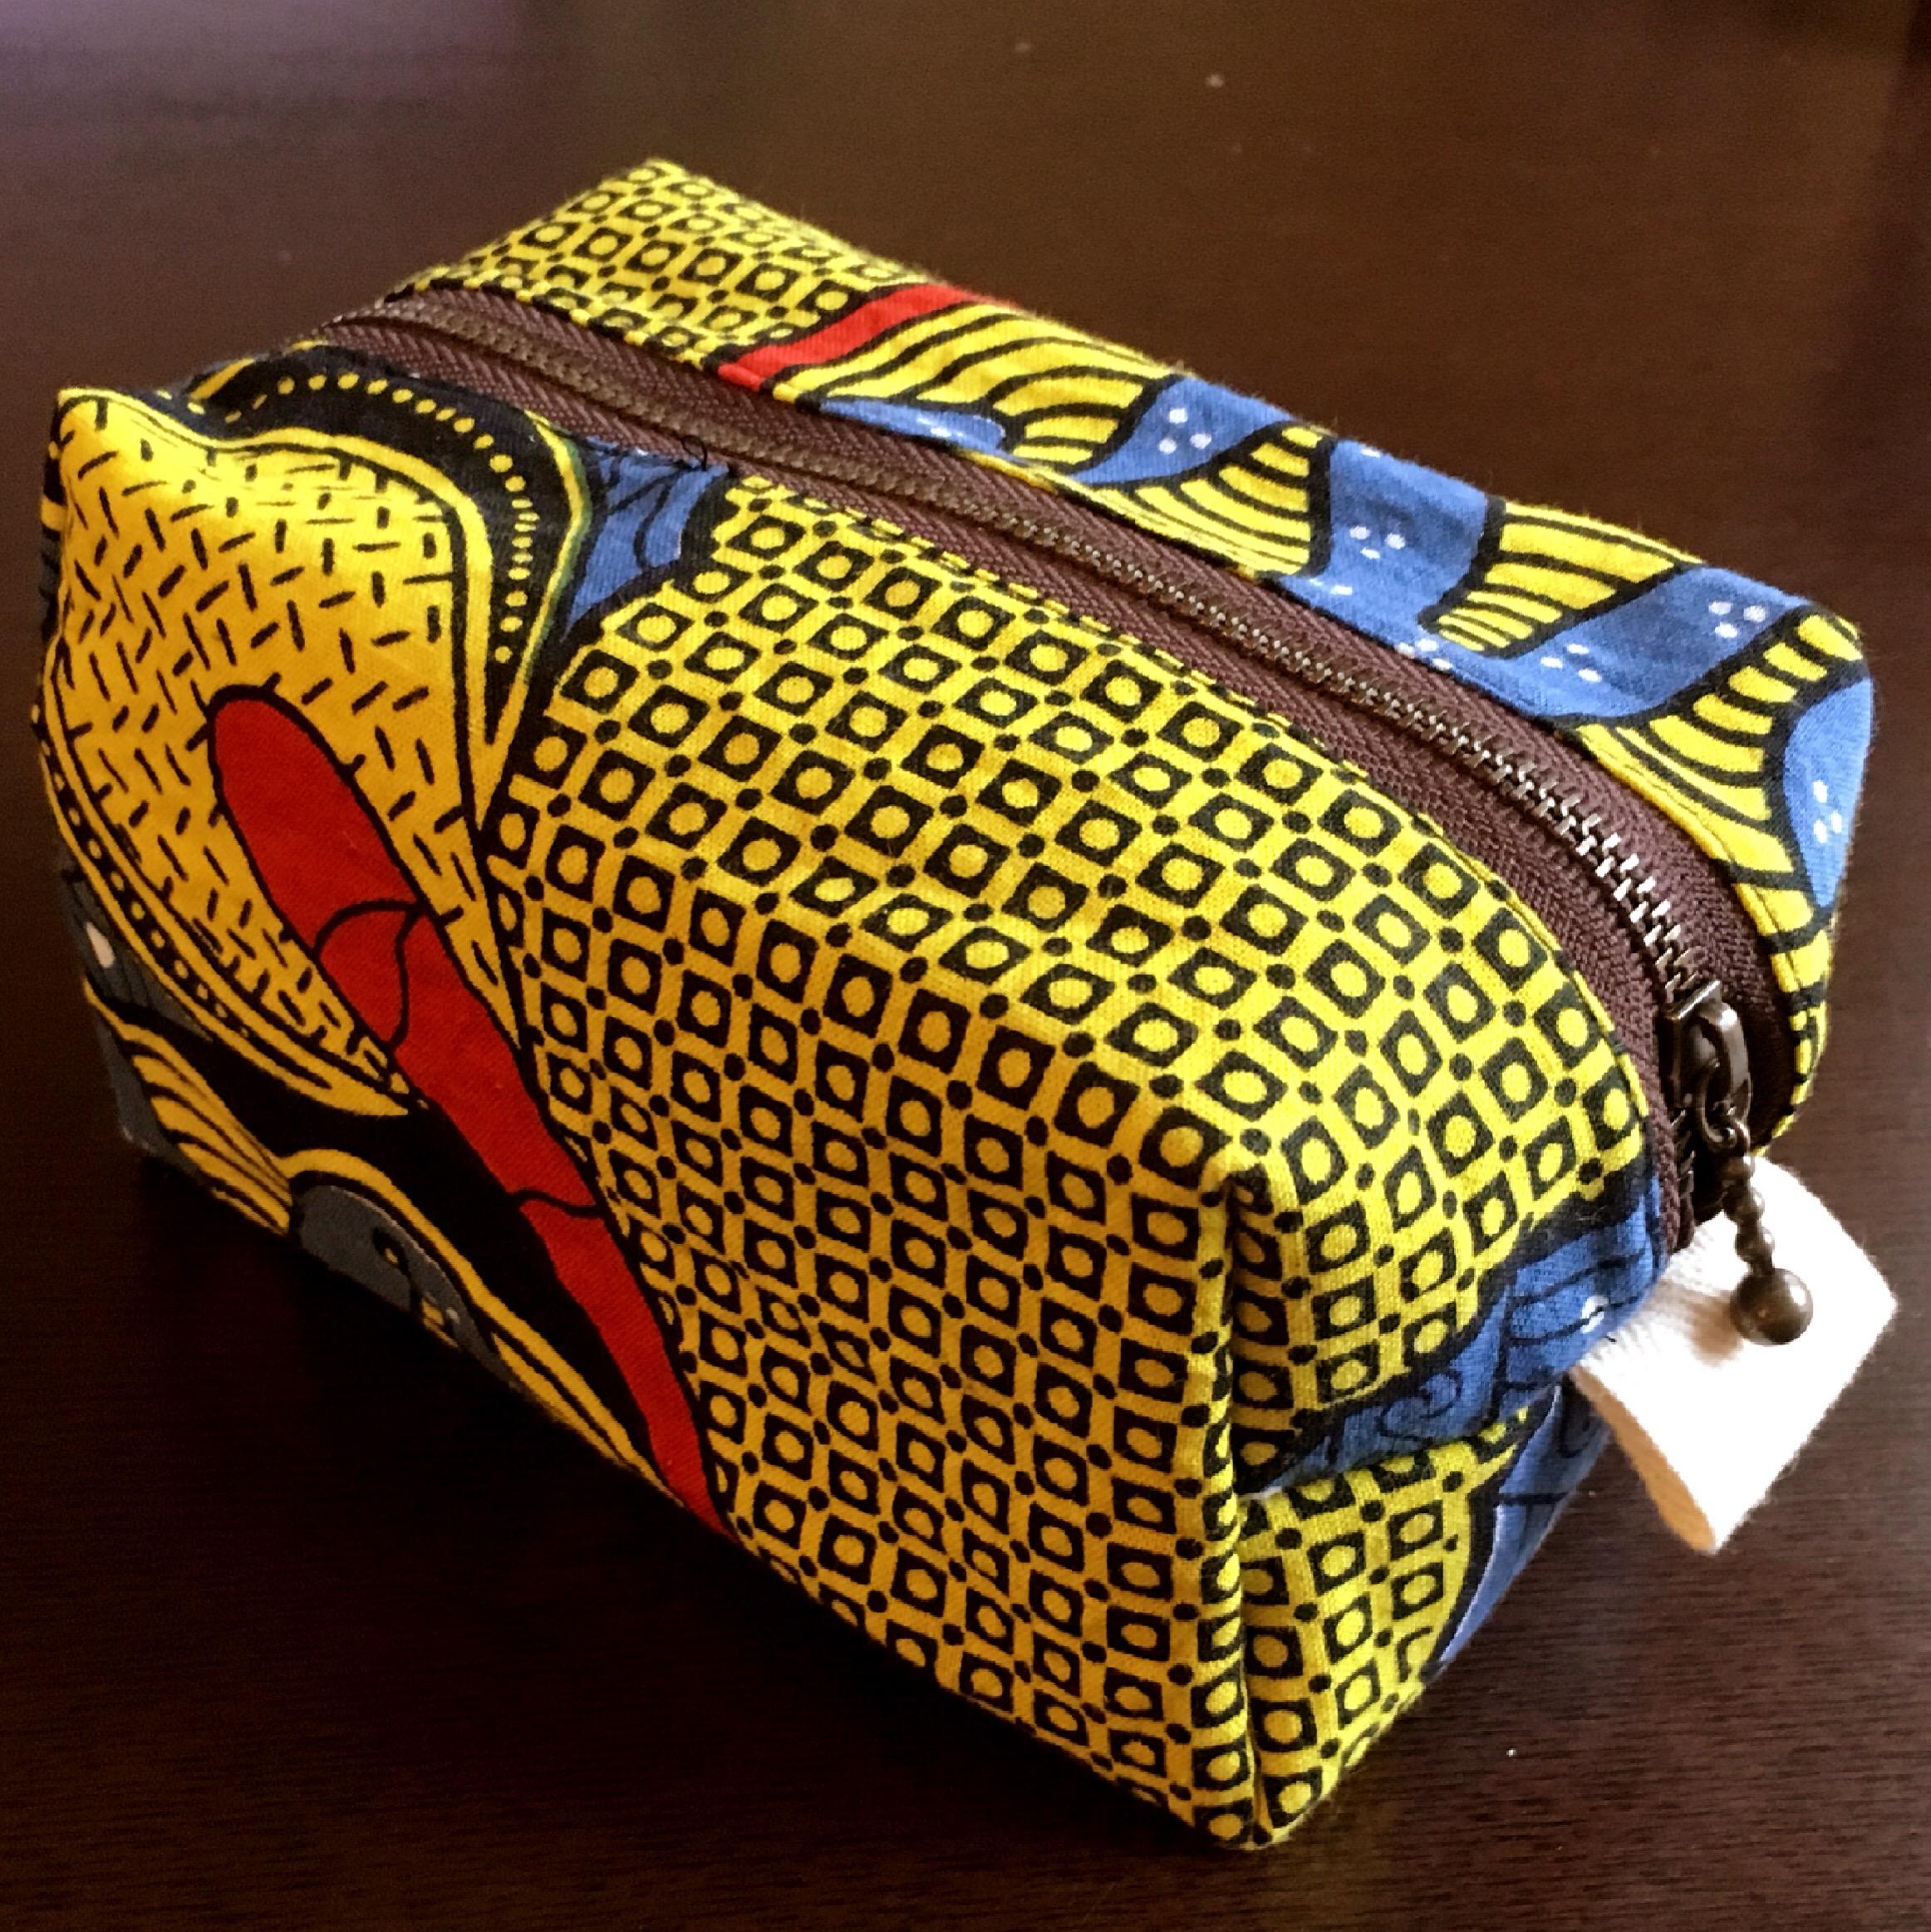 エスニックポーチ アフリカン1商品画像